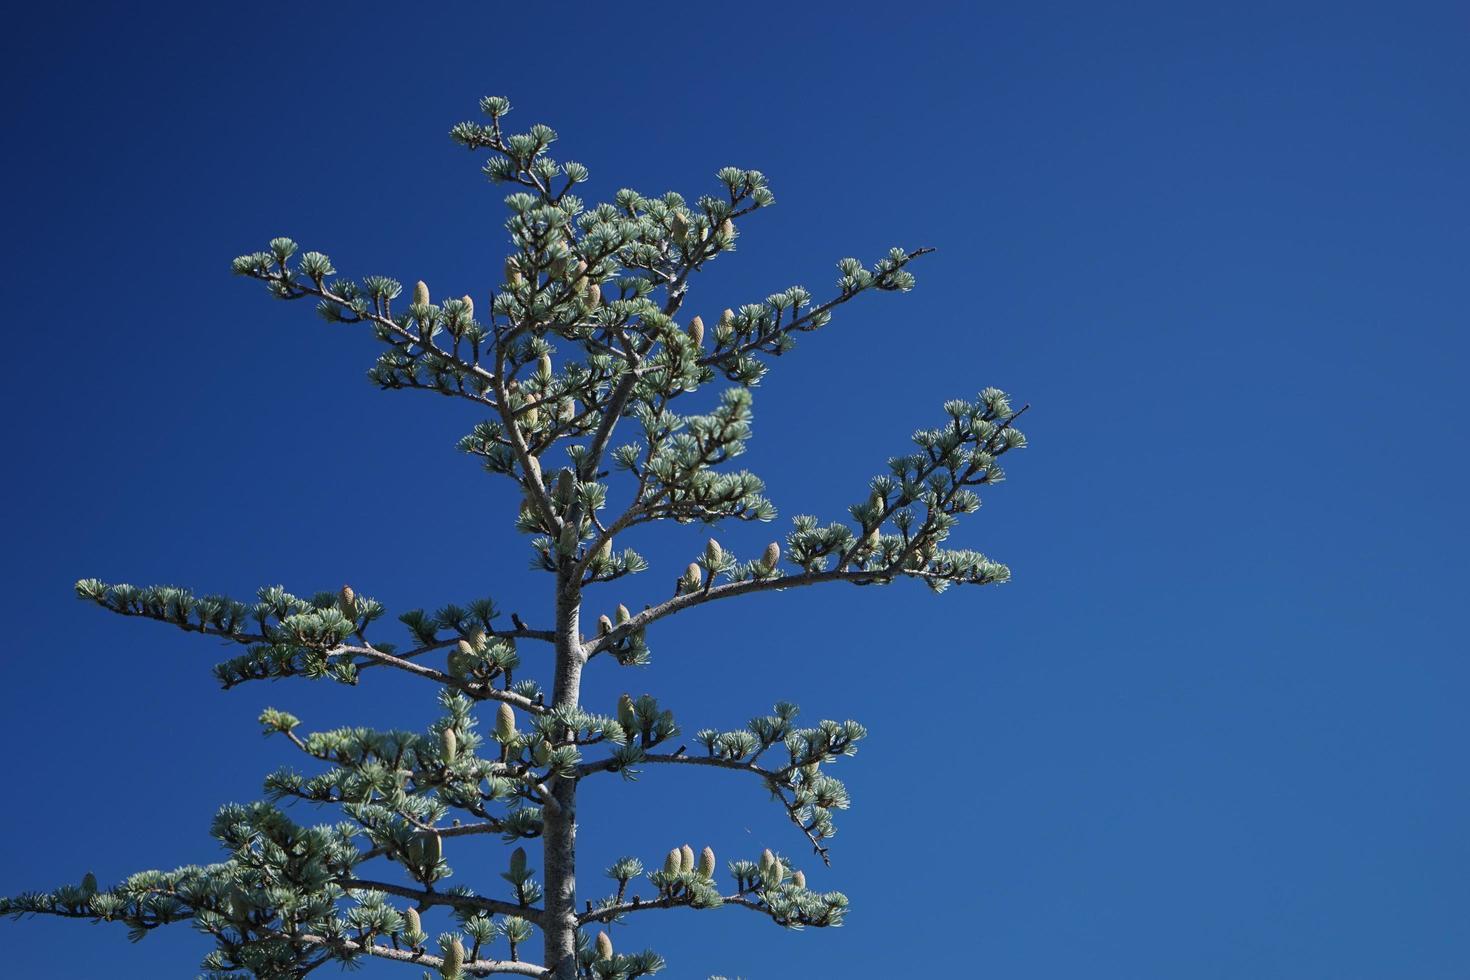 cedrus atlantica träd på bakgrunden av blå himmel foto